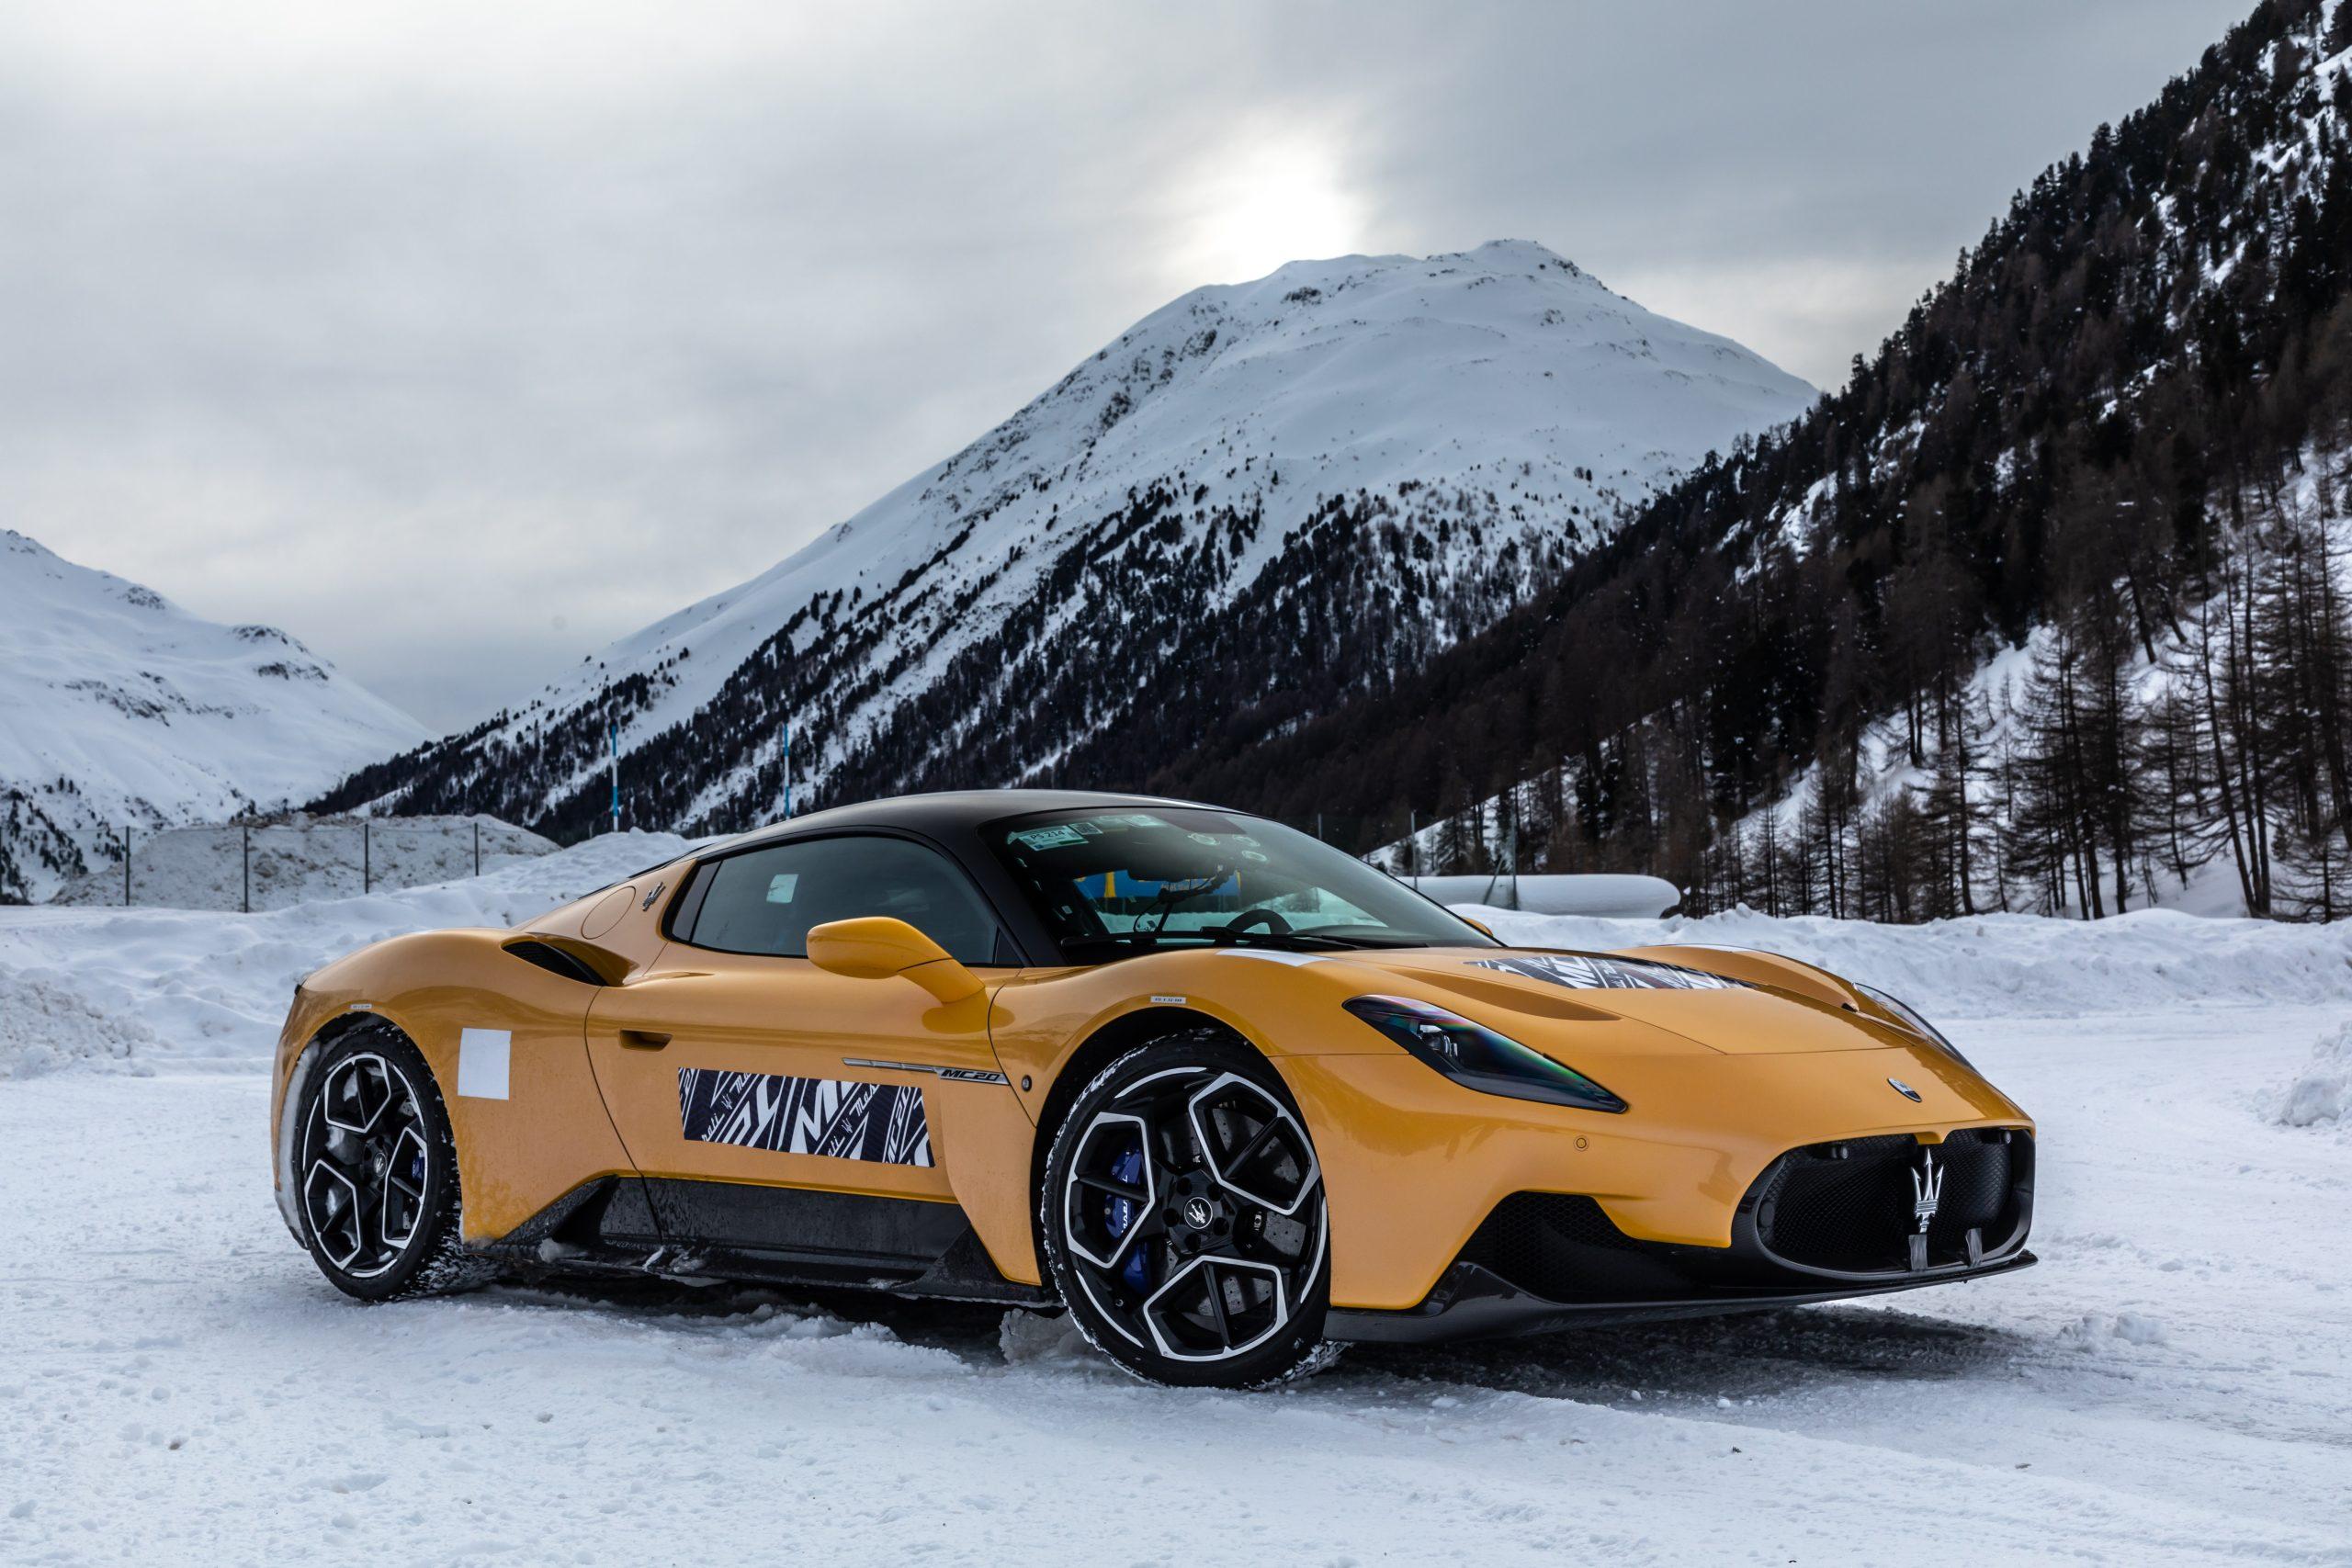 Maserati_MC20_Cold_Test_Livigno 2